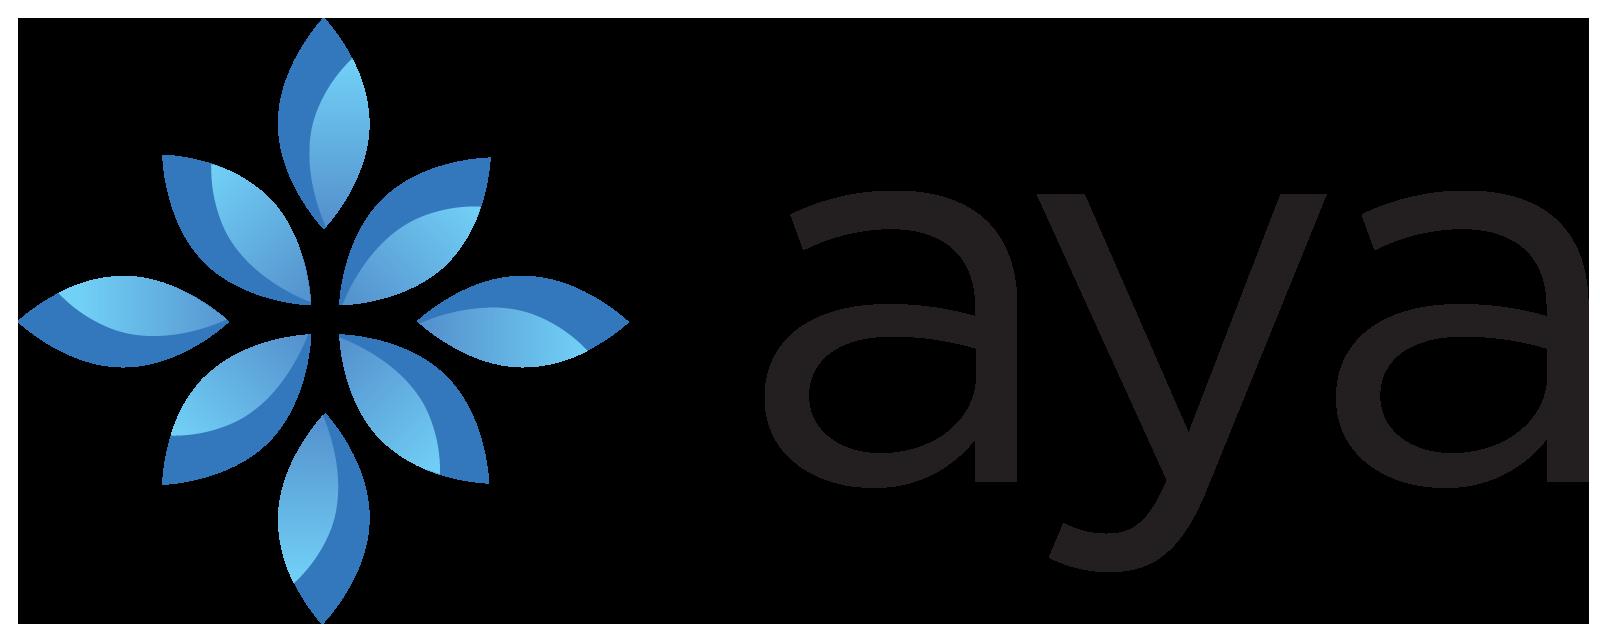 aya (Logo)